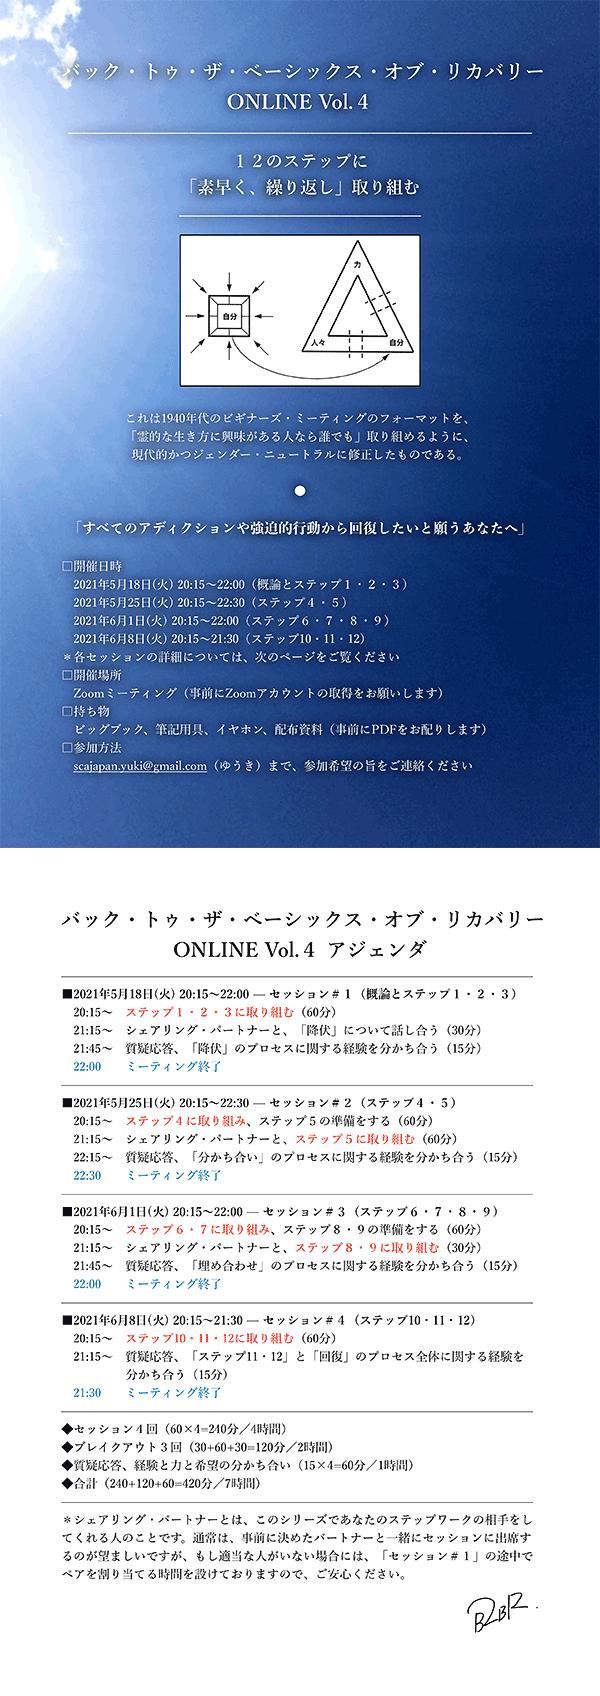 バック・トゥ・ザ・ベーシックス・オブ・リカバリー ONLINE Vol.4